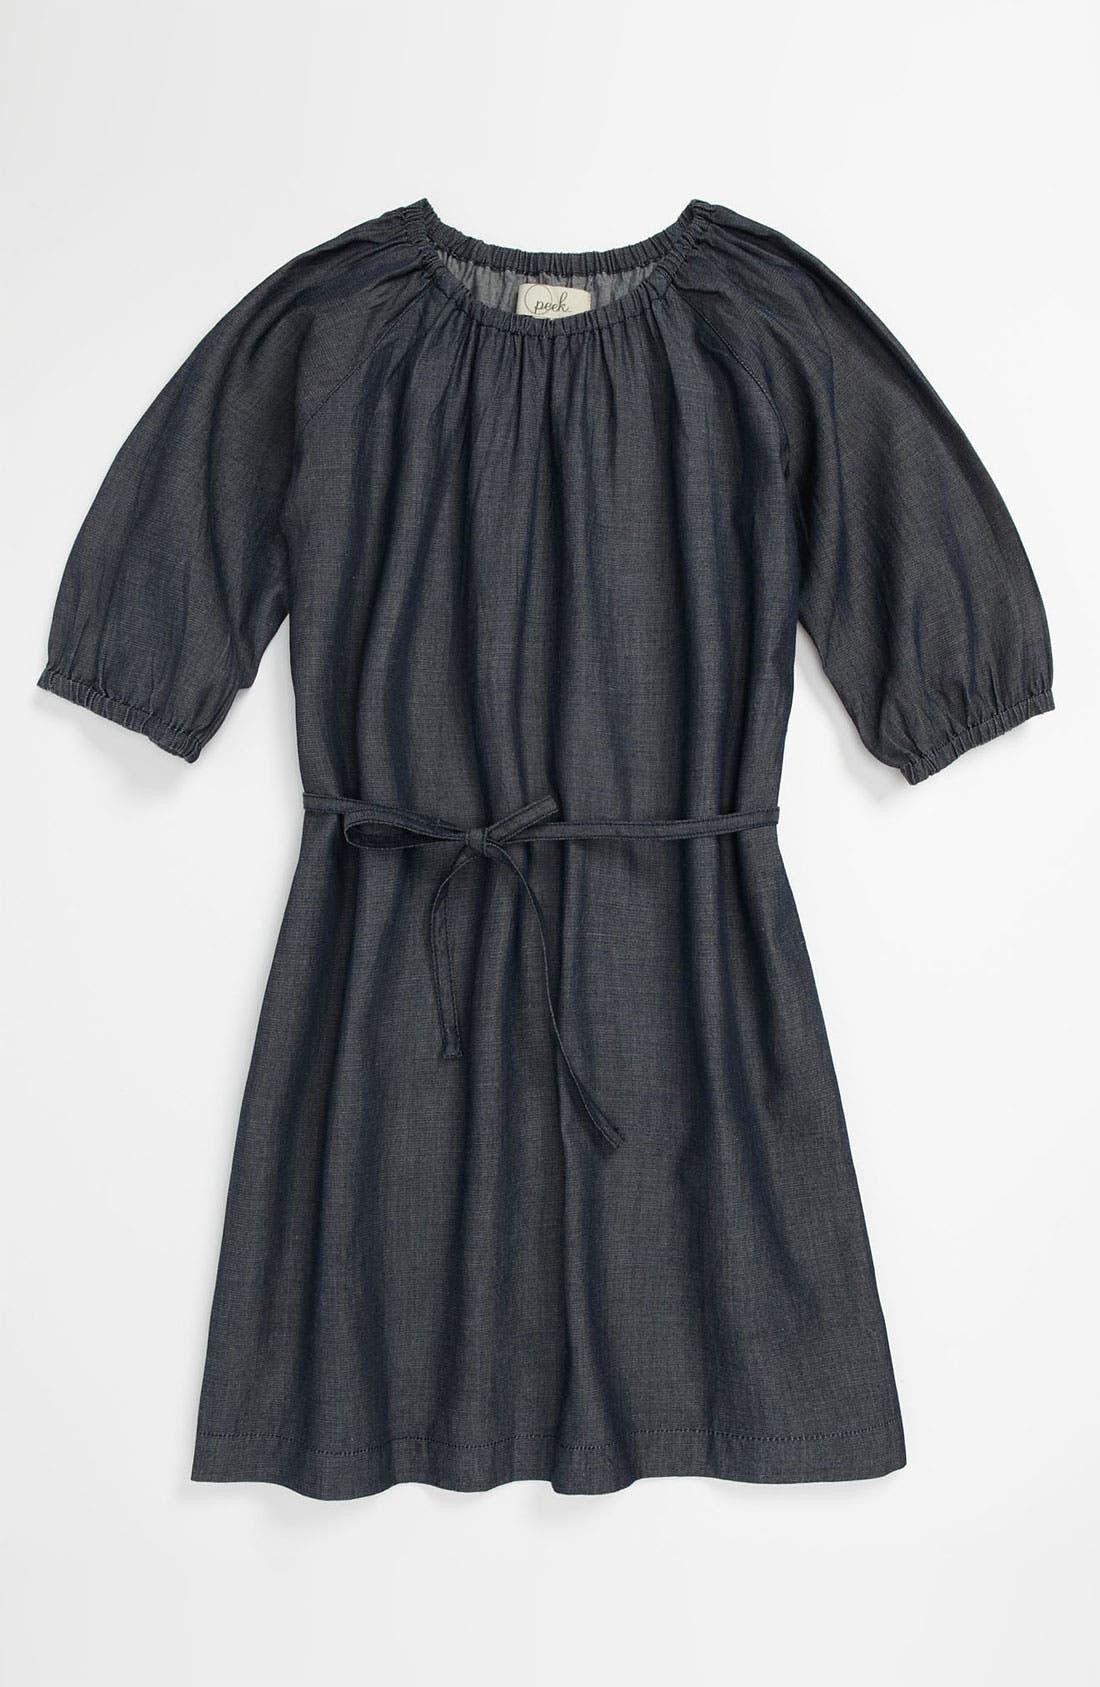 Main Image - Peek 'Rosella' Dress (Toddler, Little Girls & Big Girls)